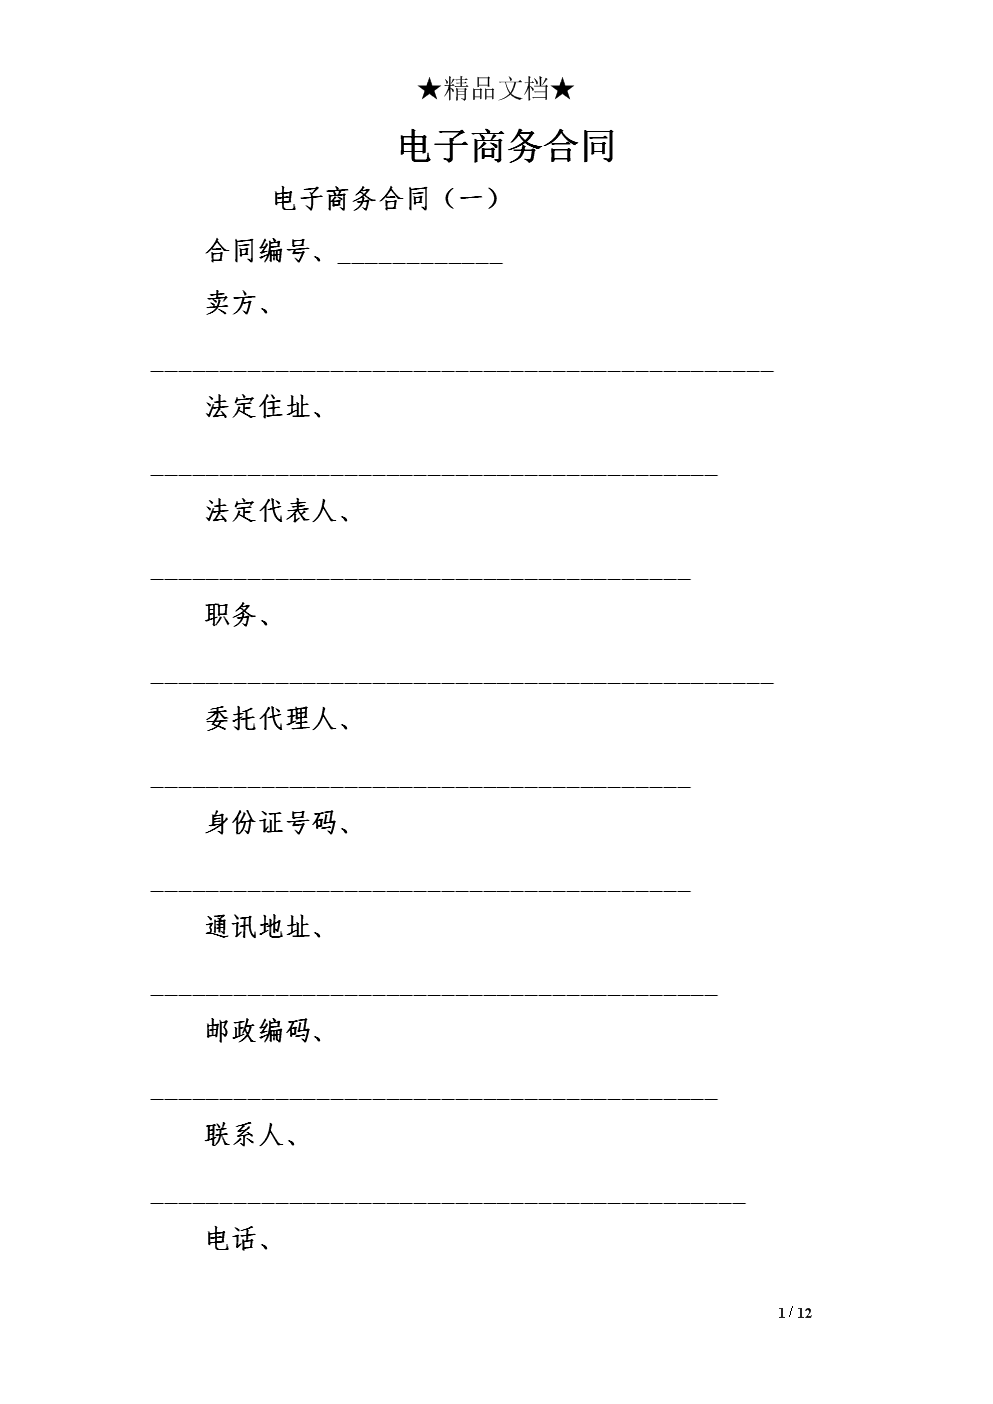 电子商务小包单���^�_电子商务合同.doc